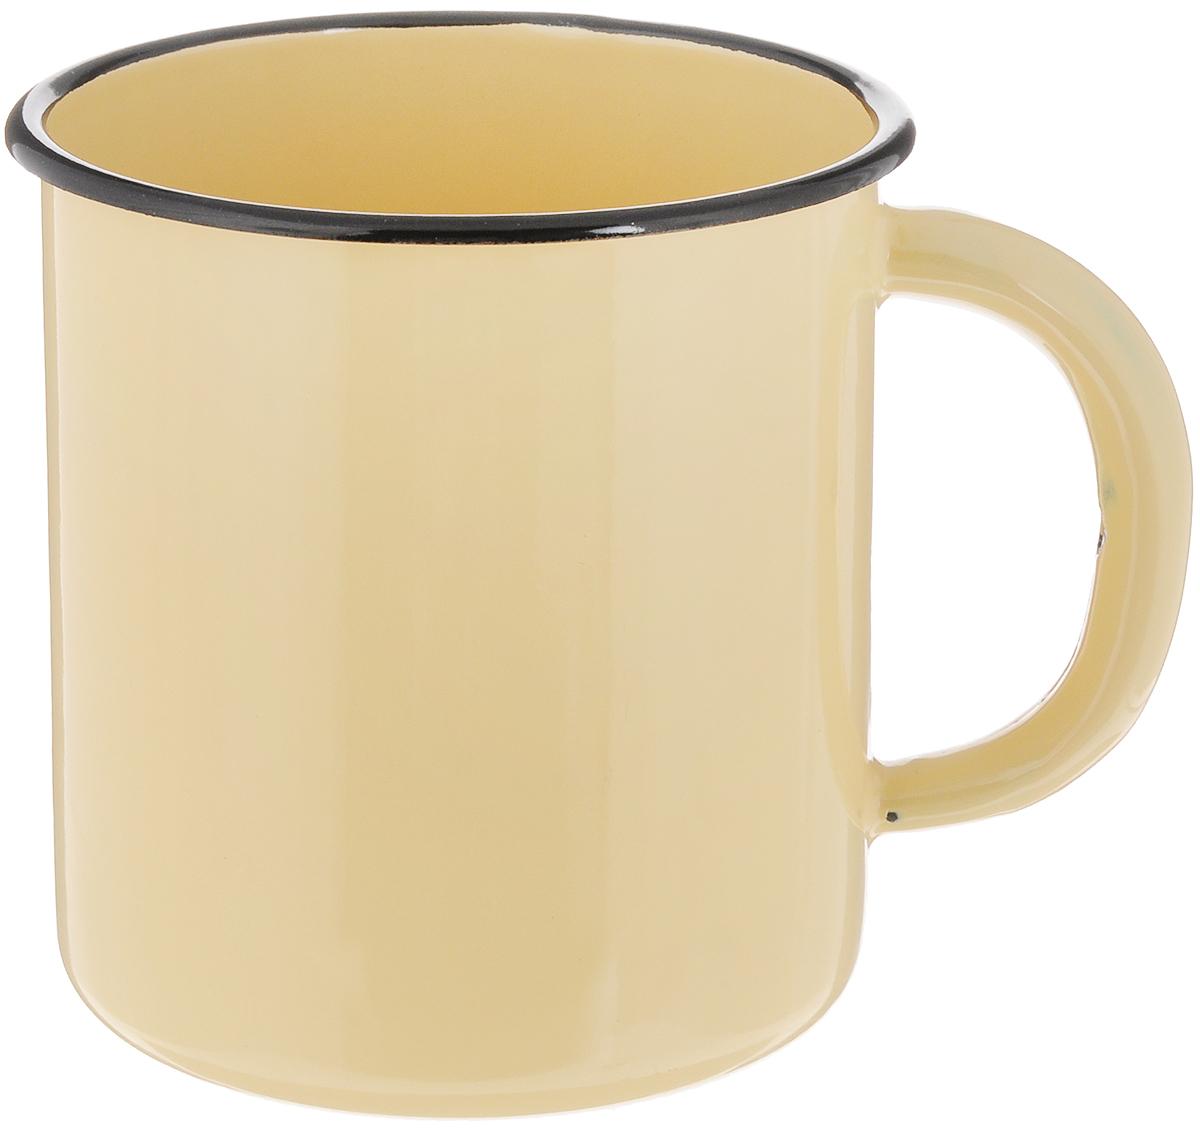 Кружка эмалированная СтальЭмаль, цвет: желтый, черный, 1 л2с3Кружка СтальЭмаль изготовлена из высококачественной стали с эмалированным покрытием. Такая кружка не требует особого ухода, и ее легко мыть. Изделие прекрасно подходит для подогрева молока и многого другого. Диаметр кружки (по верхнему краю): 11,5 см. Высота кружки: 12 см.